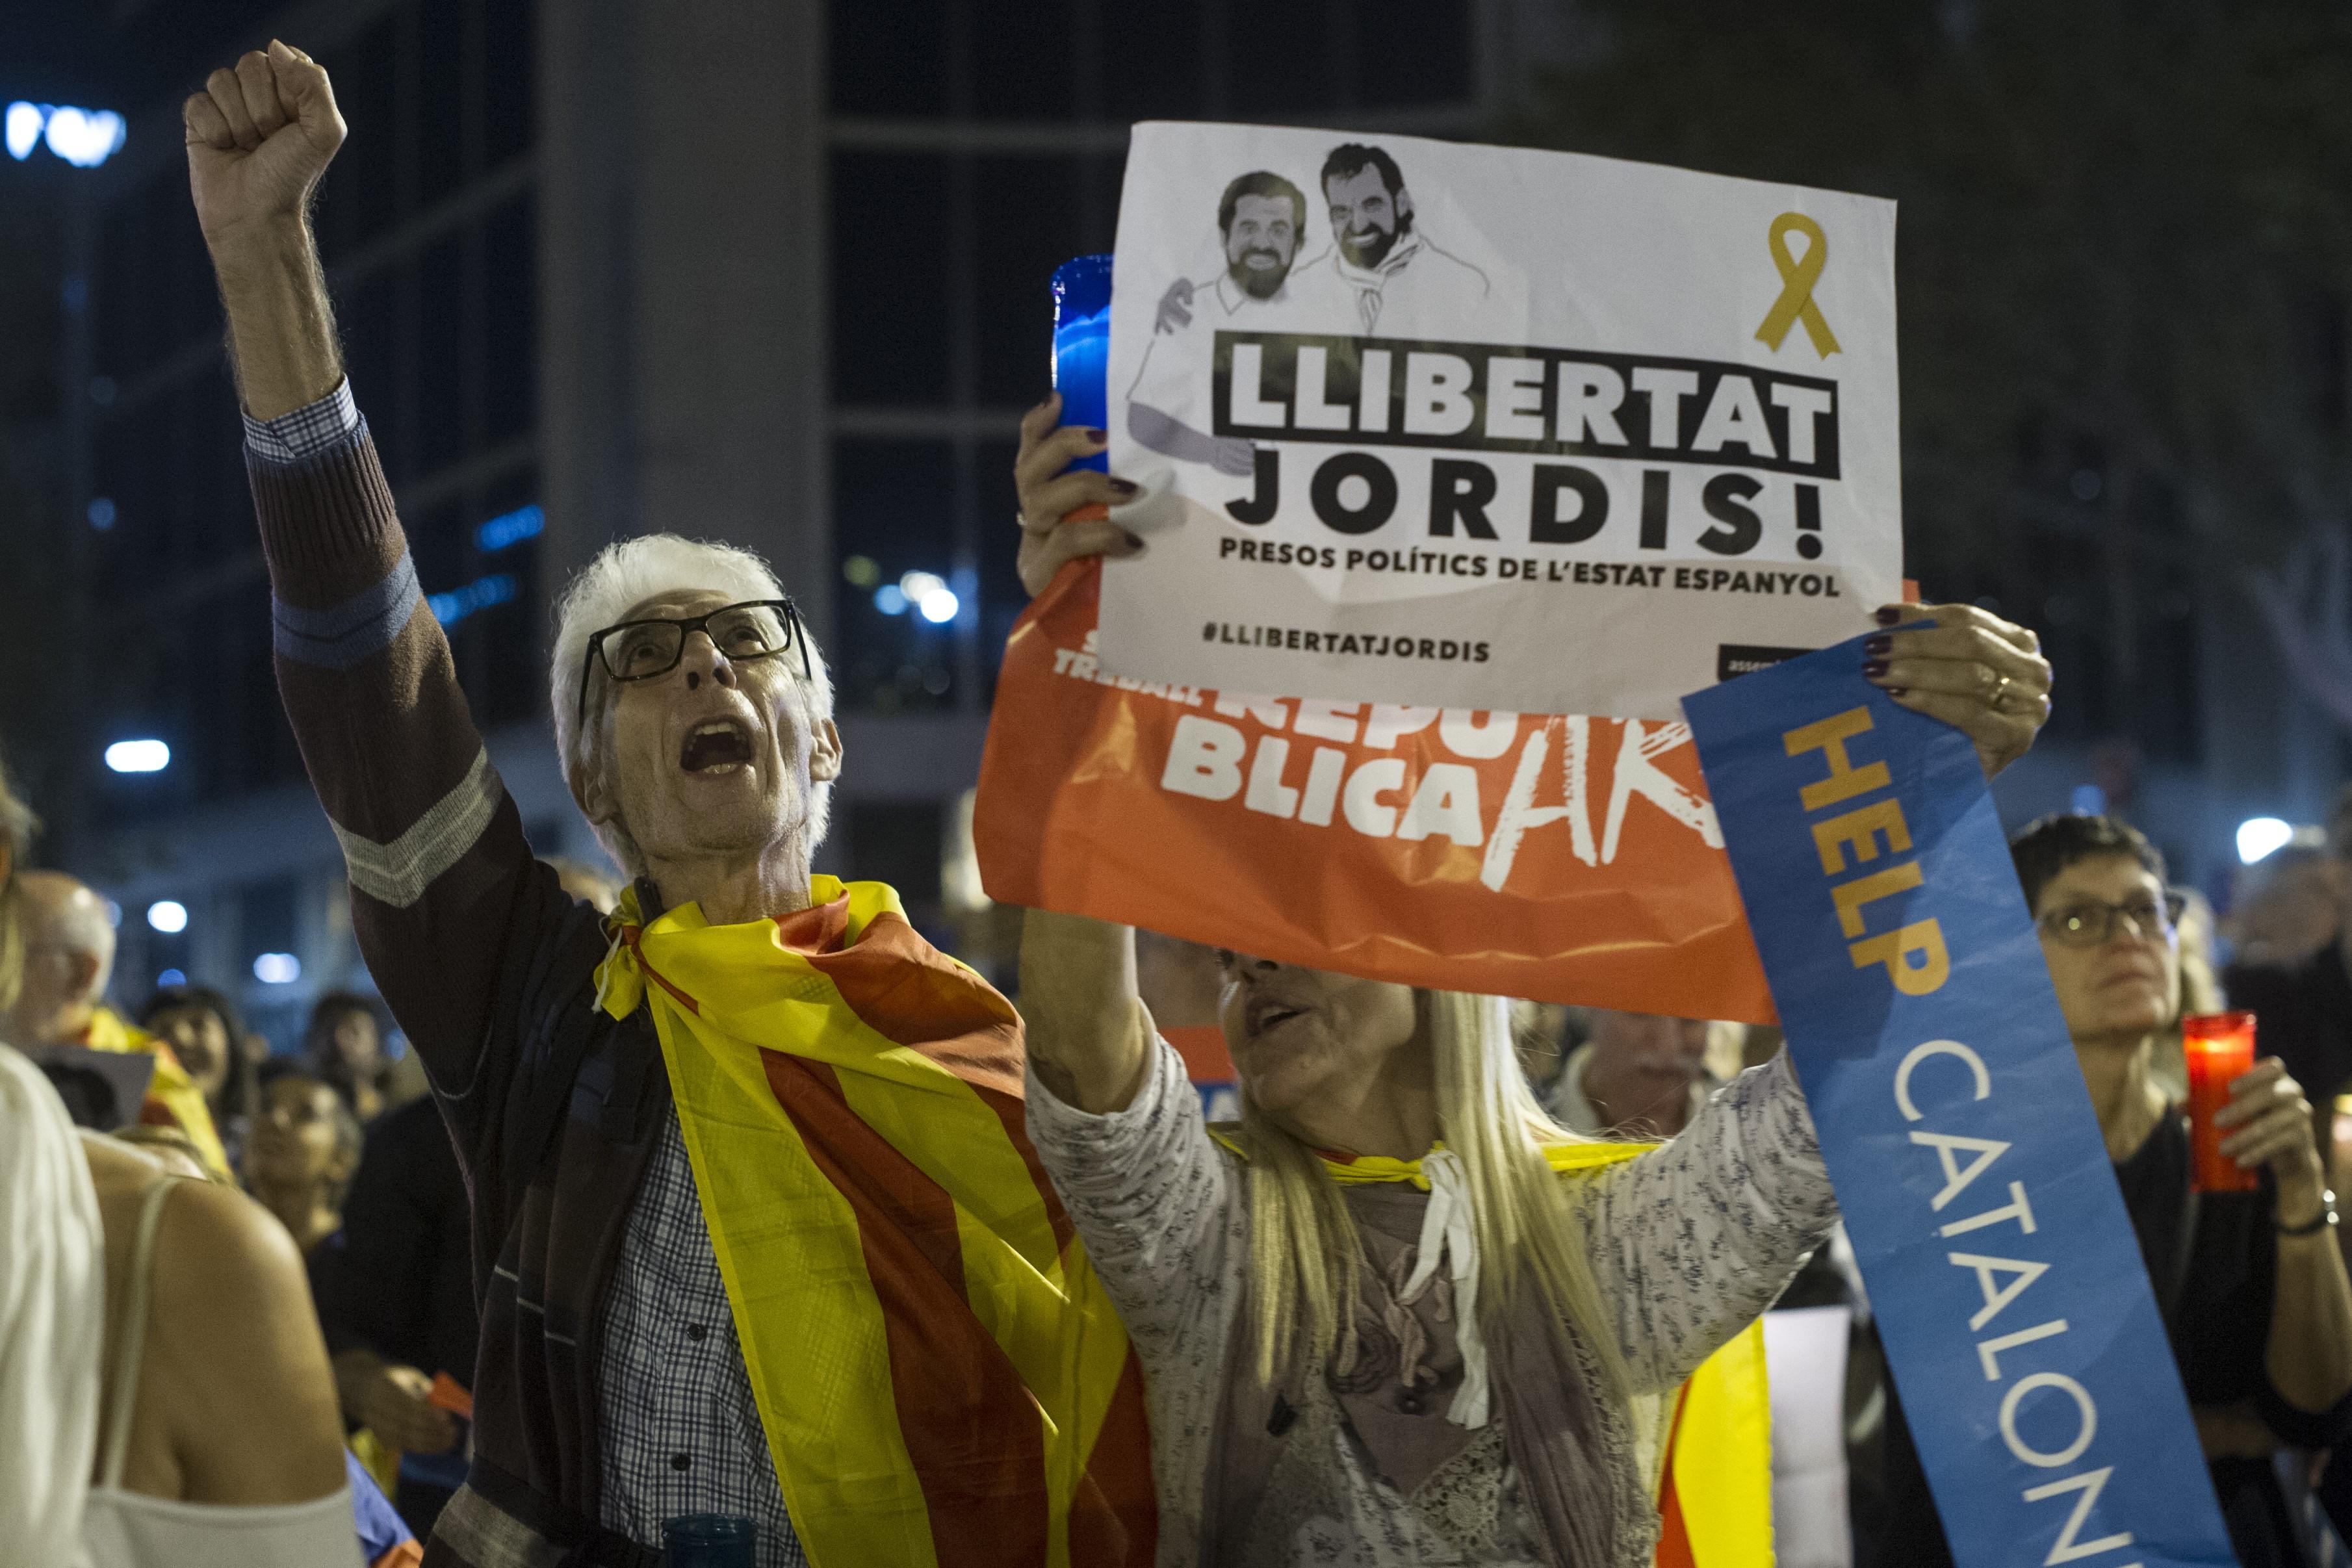 Több ezren tiltakoztak a két katalán vezető őrizetbe vétele ellen